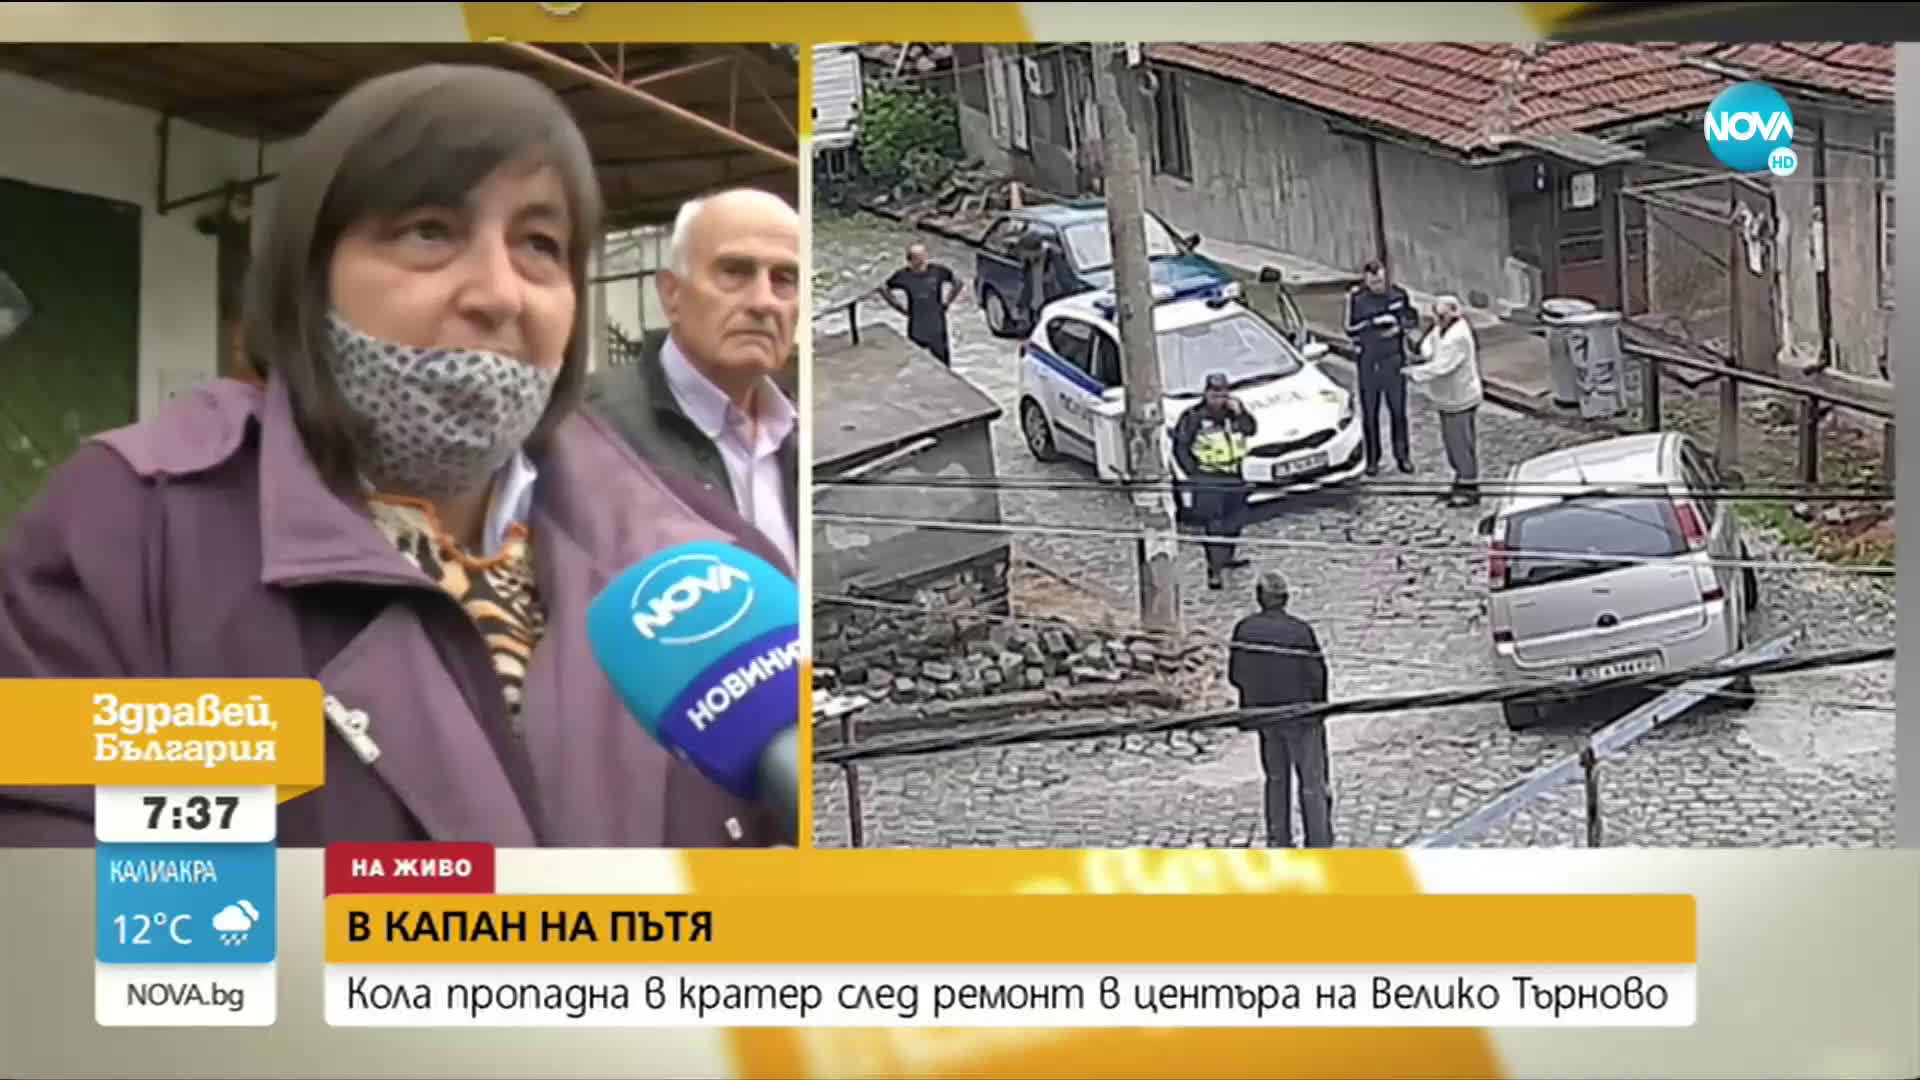 Кола пропадна в кратер след ремонт в центъра на Велико Търново